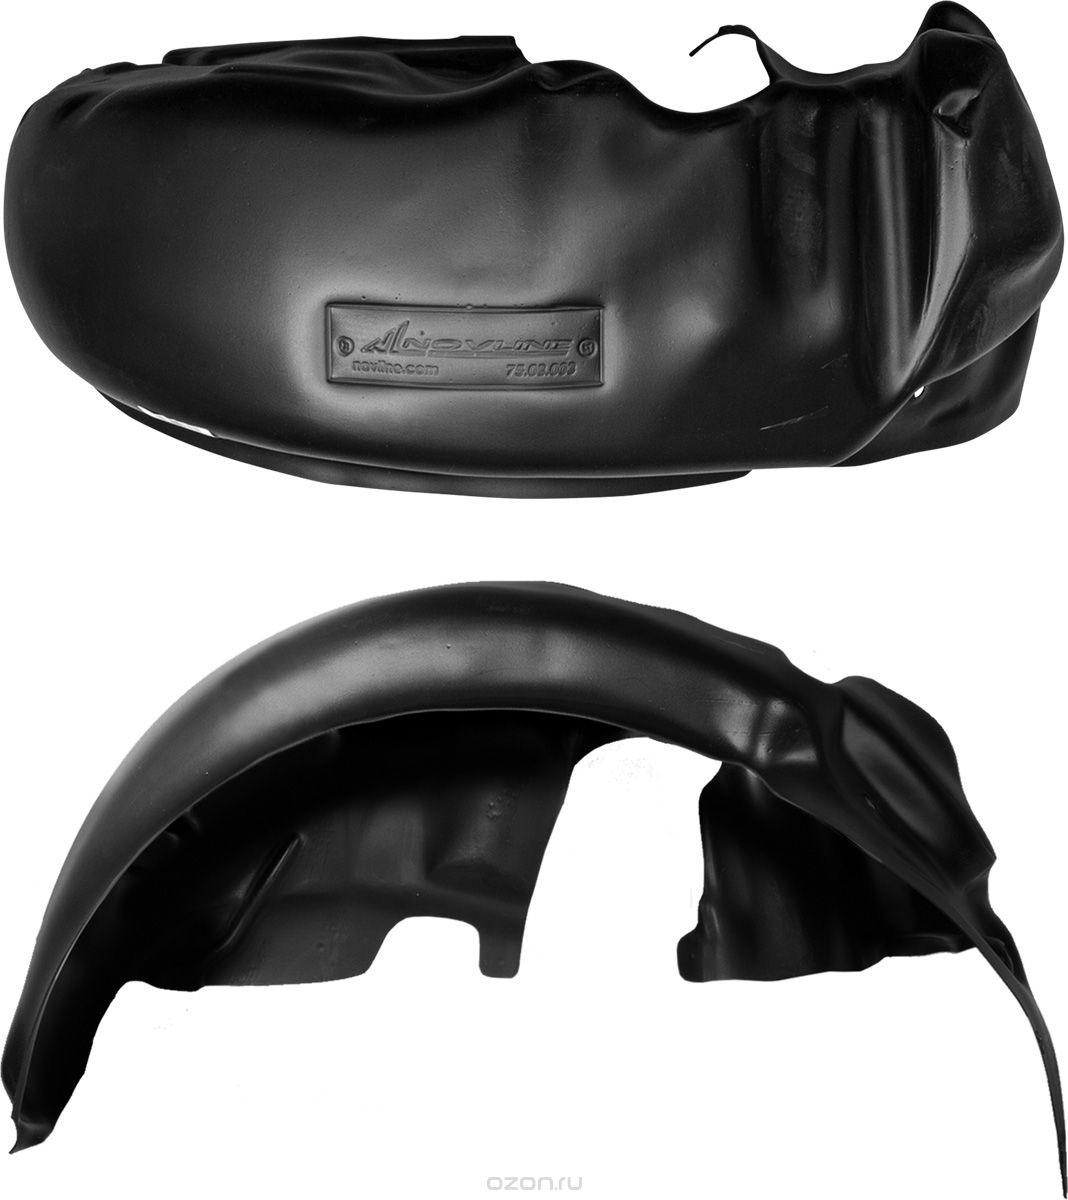 Подкрылок Novline-Autofamily, для HYUNDAI i20 2009->, задний левыйNLL.20.32.003Идеальная защита колесной ниши. Локеры разработаны с применением цифровых технологий, гарантируют максимальную повторяемость поверхности арки. Изделия устанавливаются без нарушения лакокрасочного покрытия автомобиля, каждый подкрылок комплектуется крепежом. Уважаемые клиенты, обращаем ваше внимание, что фотографии на подкрылки универсальные и не отражают реальную форму изделия. При этом само изделие идет точно под размер указанного автомобиля.